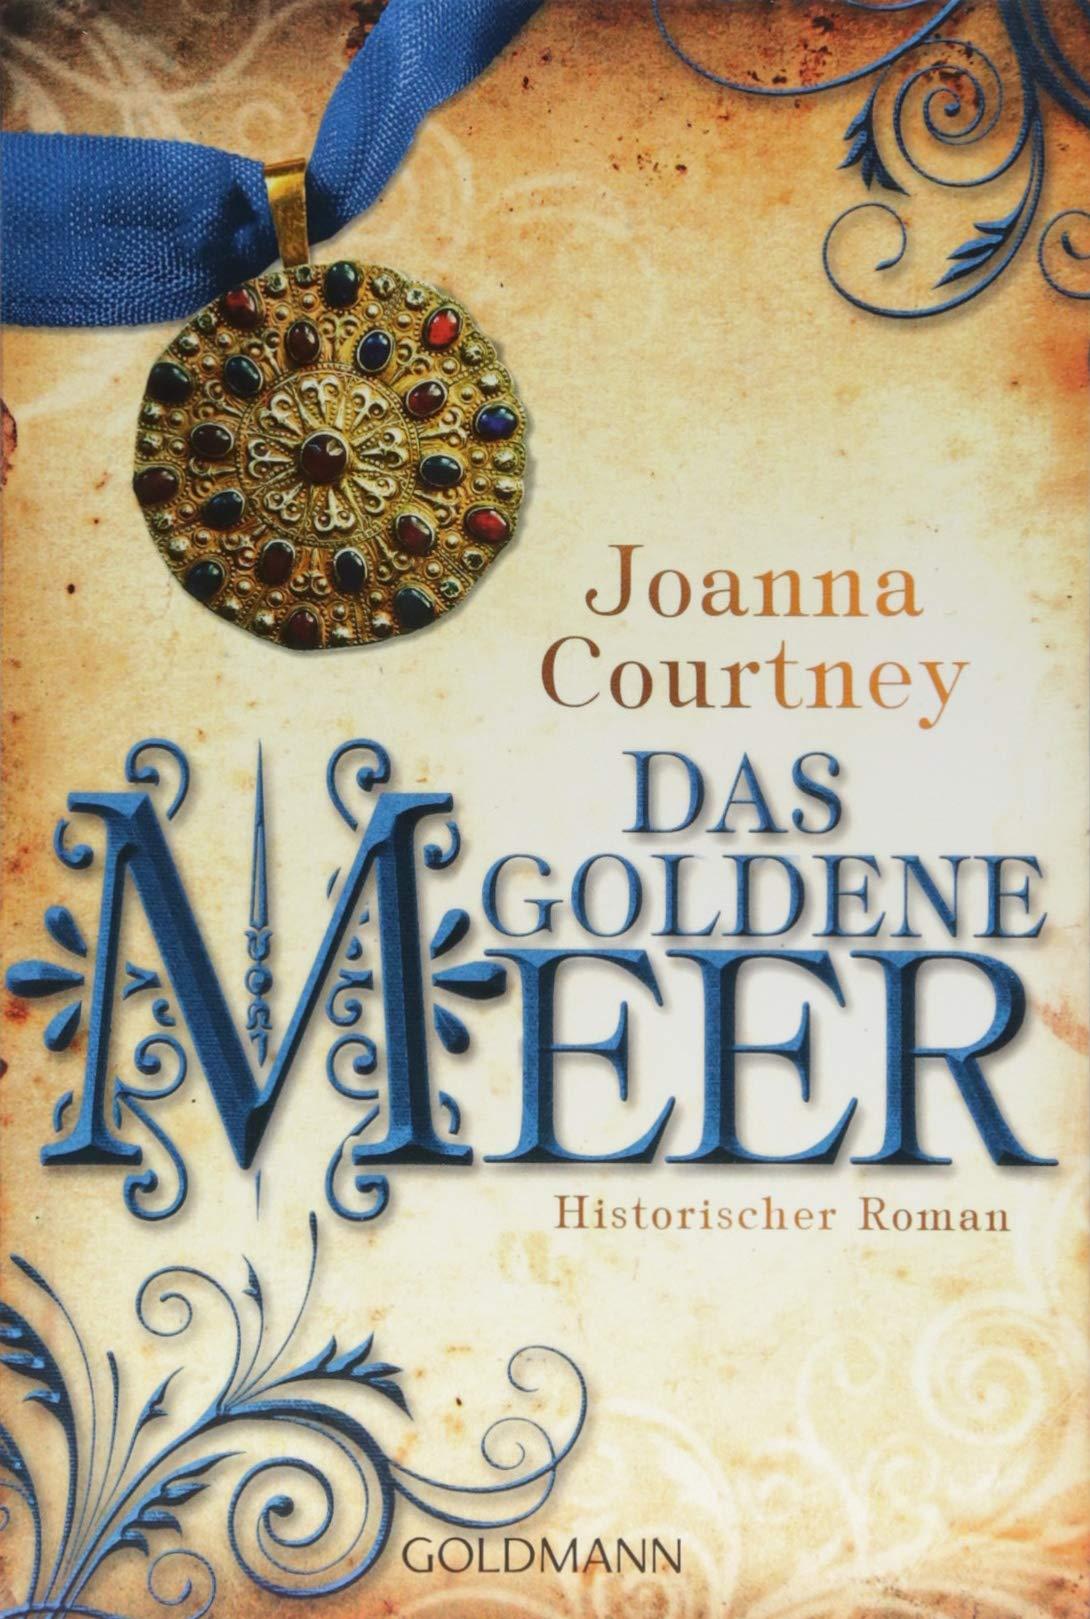 Das goldene Meer: Historischer Roman - Die drei Königinnen Saga 2 Taschenbuch – 20. August 2018 Joanna Courtney Nicole Hölsken Goldmann Verlag 3442485711